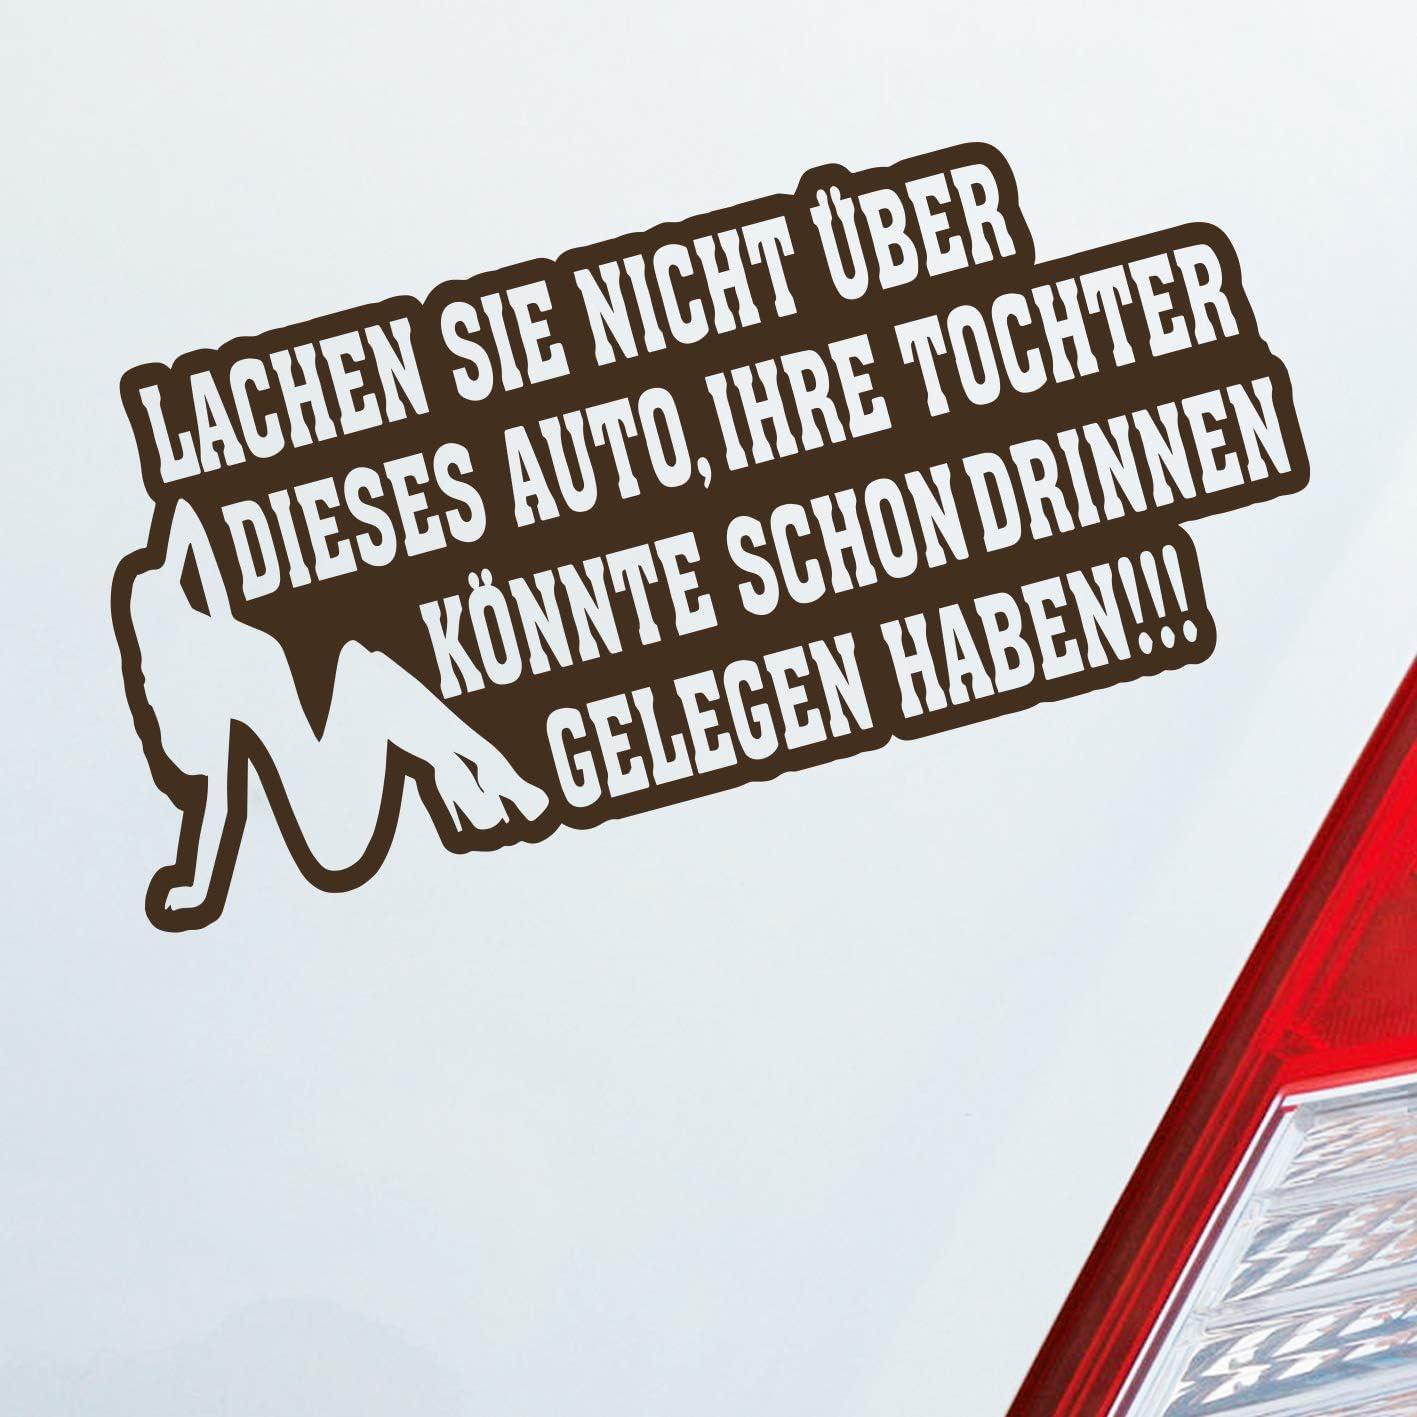 Auto Aufkleber In Wunschfarbe Lachen Sie Nicht über Dieses Auto Ihre Tochter Könnte Schon Drin Gelegelen Haben 15x7 Cm Auto